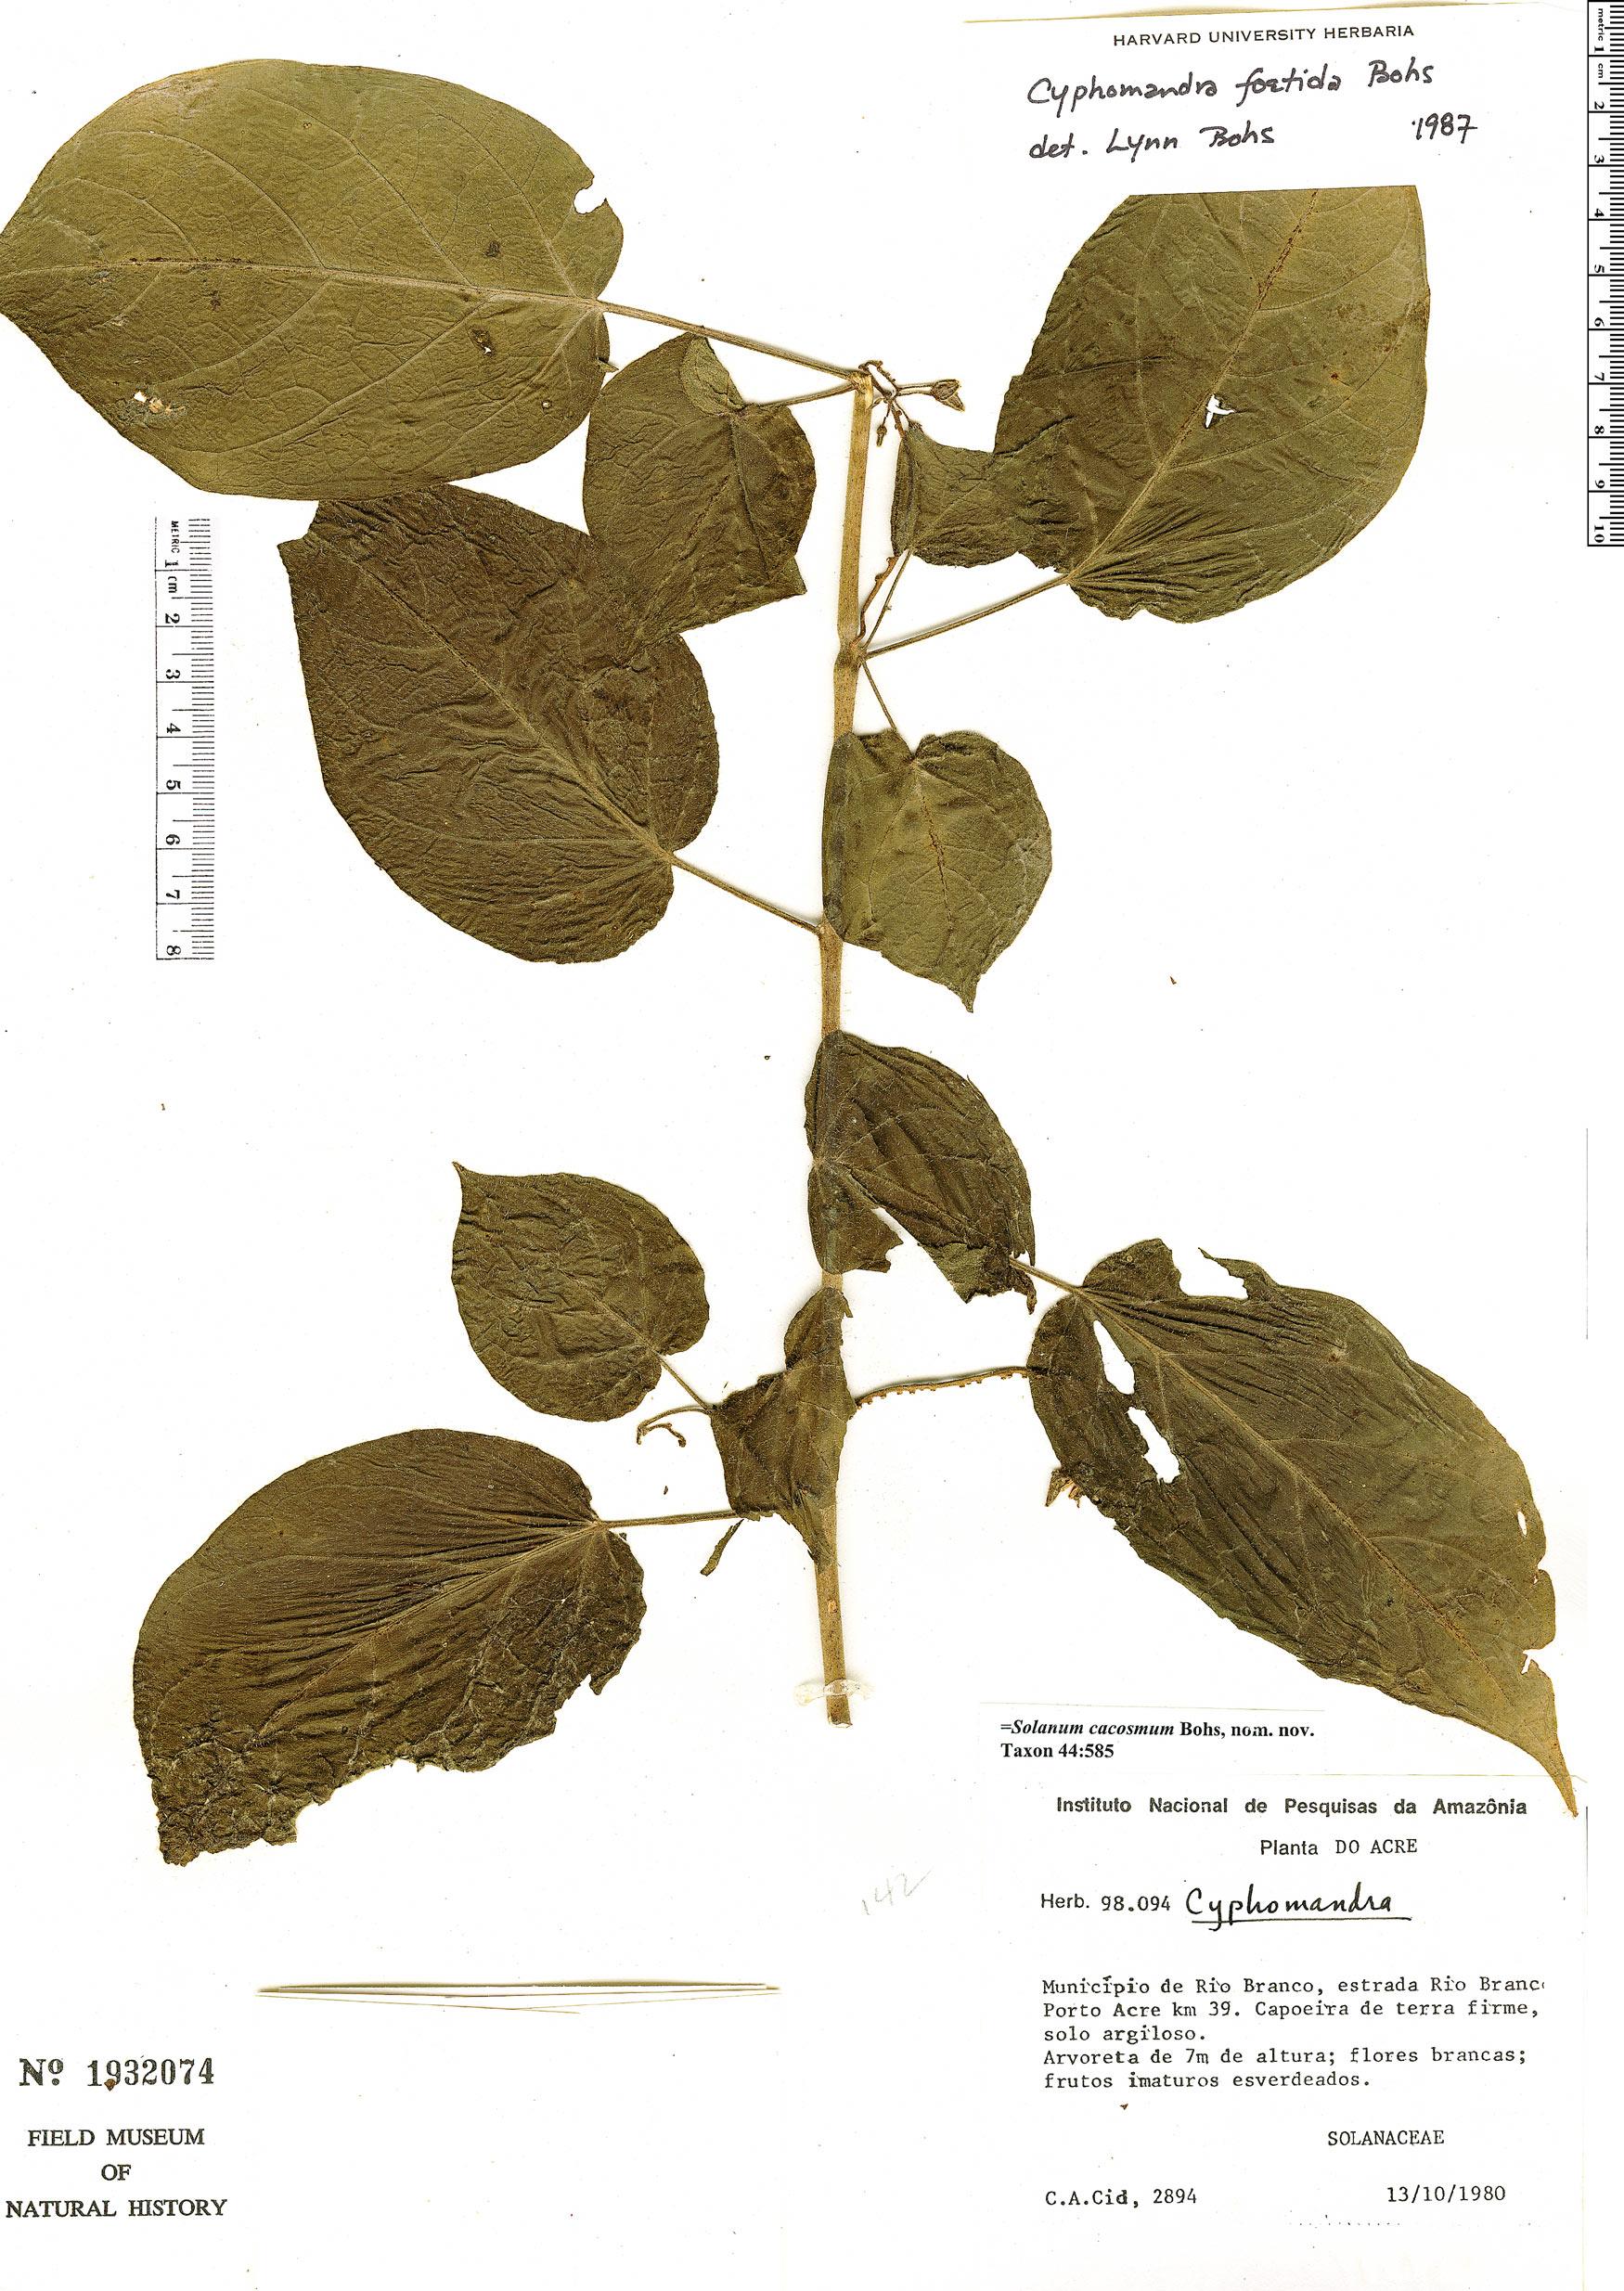 Specimen: Solanum cacosmum